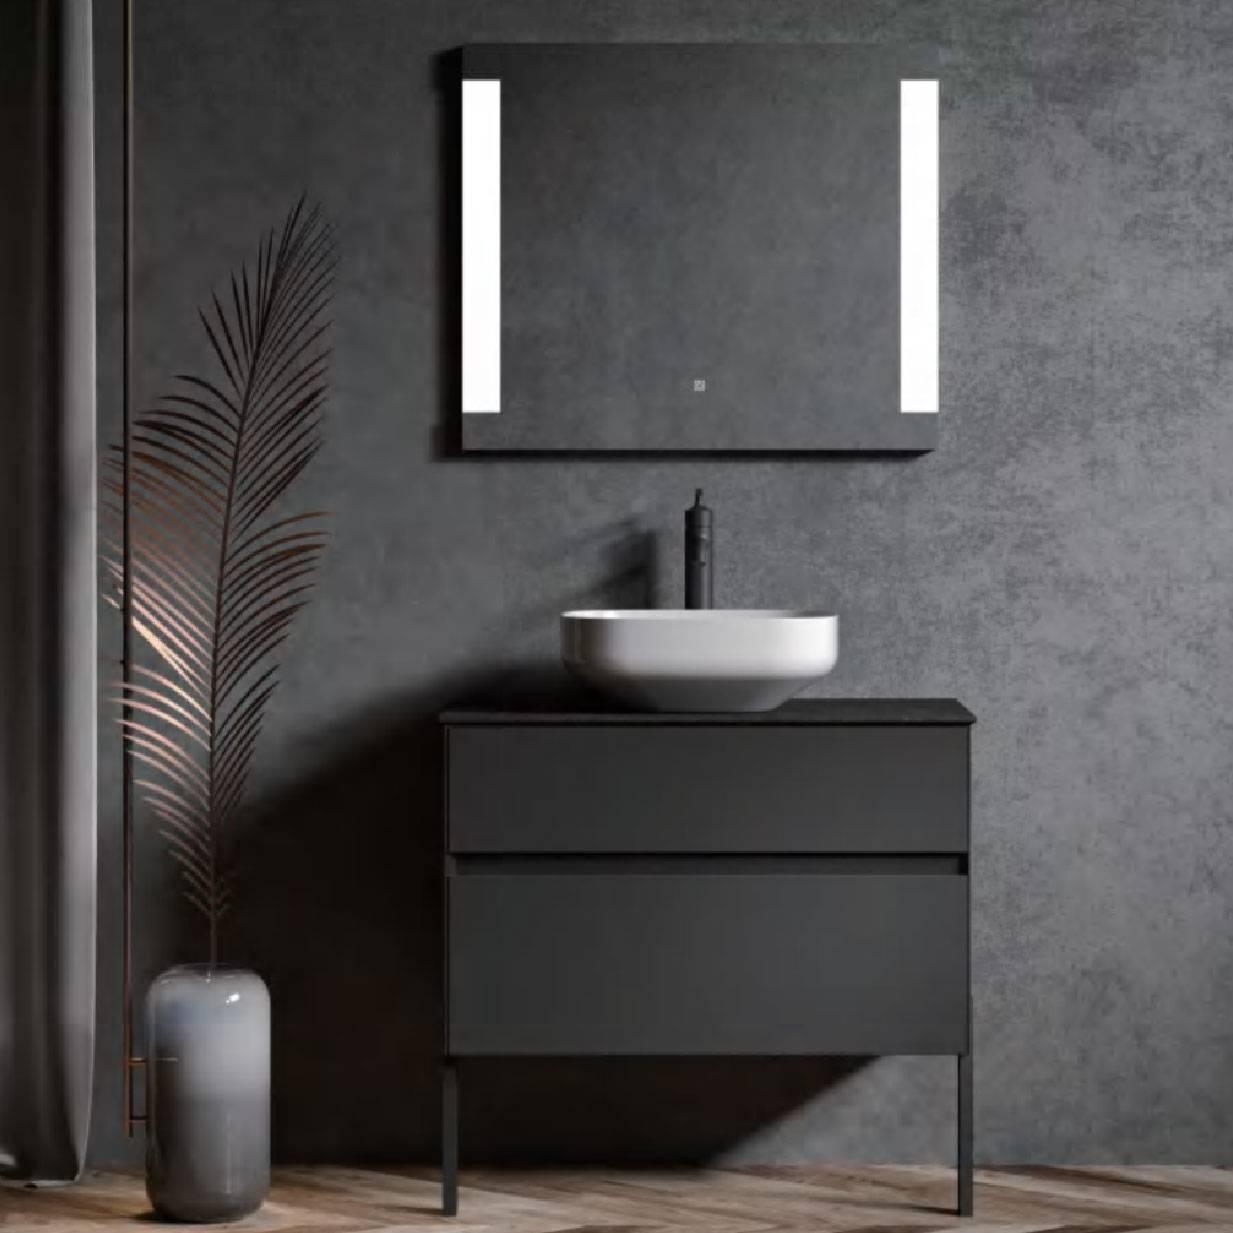 浴室柜Knox诺克斯 PY27708(定制交期图纸签字确认后60天) 购买浴室柜不含龙头与下水